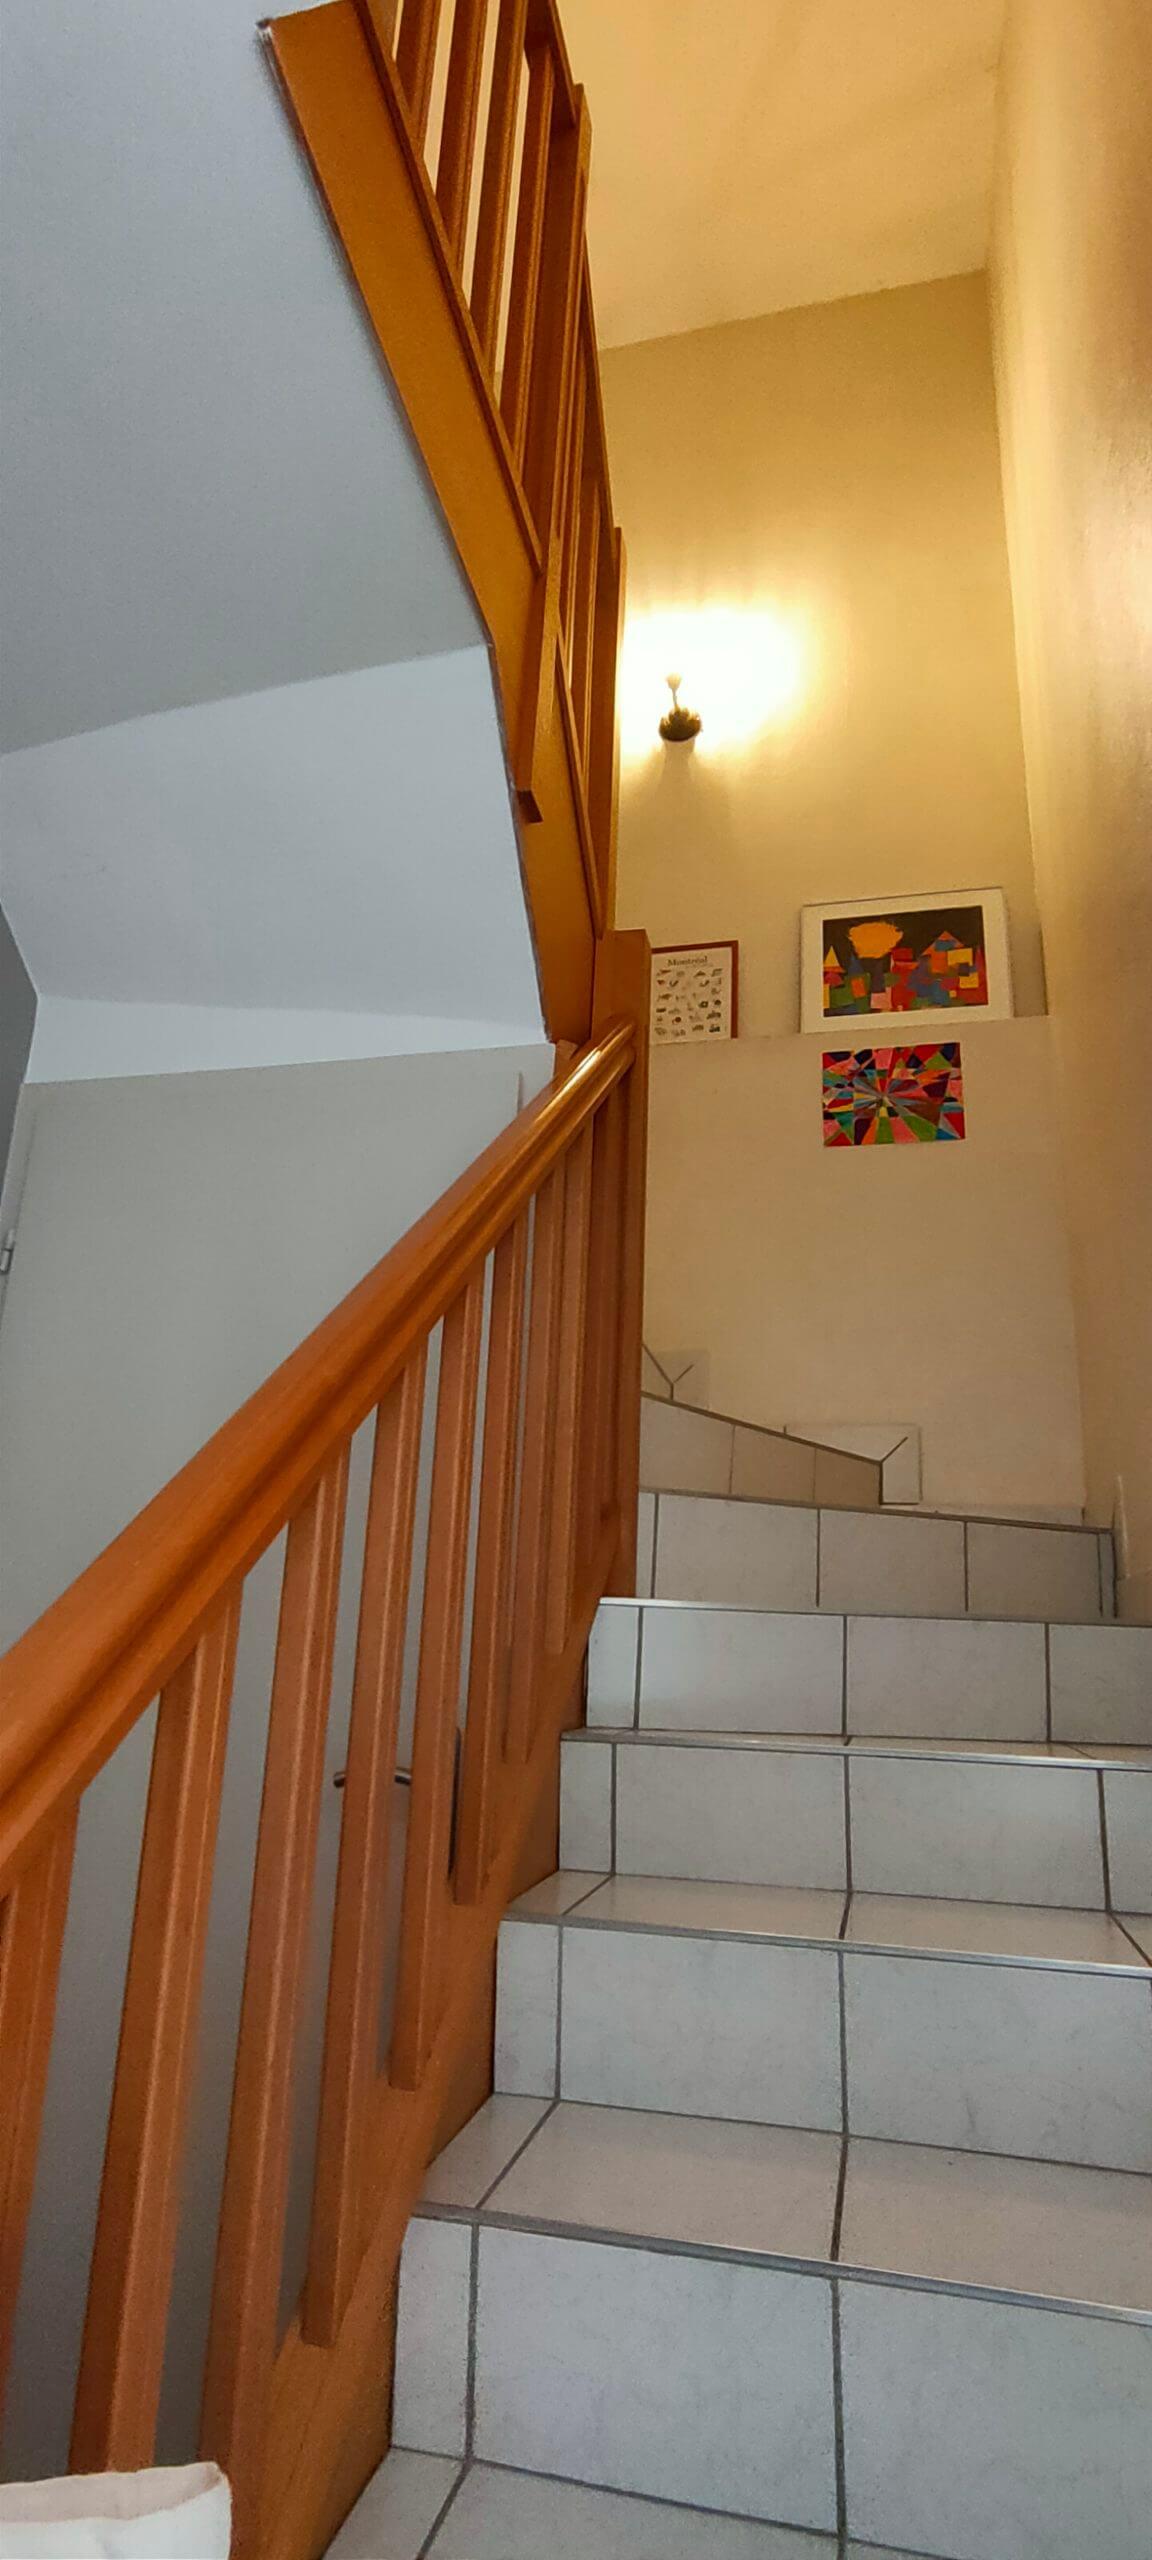 Une montée d'escalier avec des marches en carrelage blanc, une rampe couleur chêne et des murs jaunes clairs avant un home staging